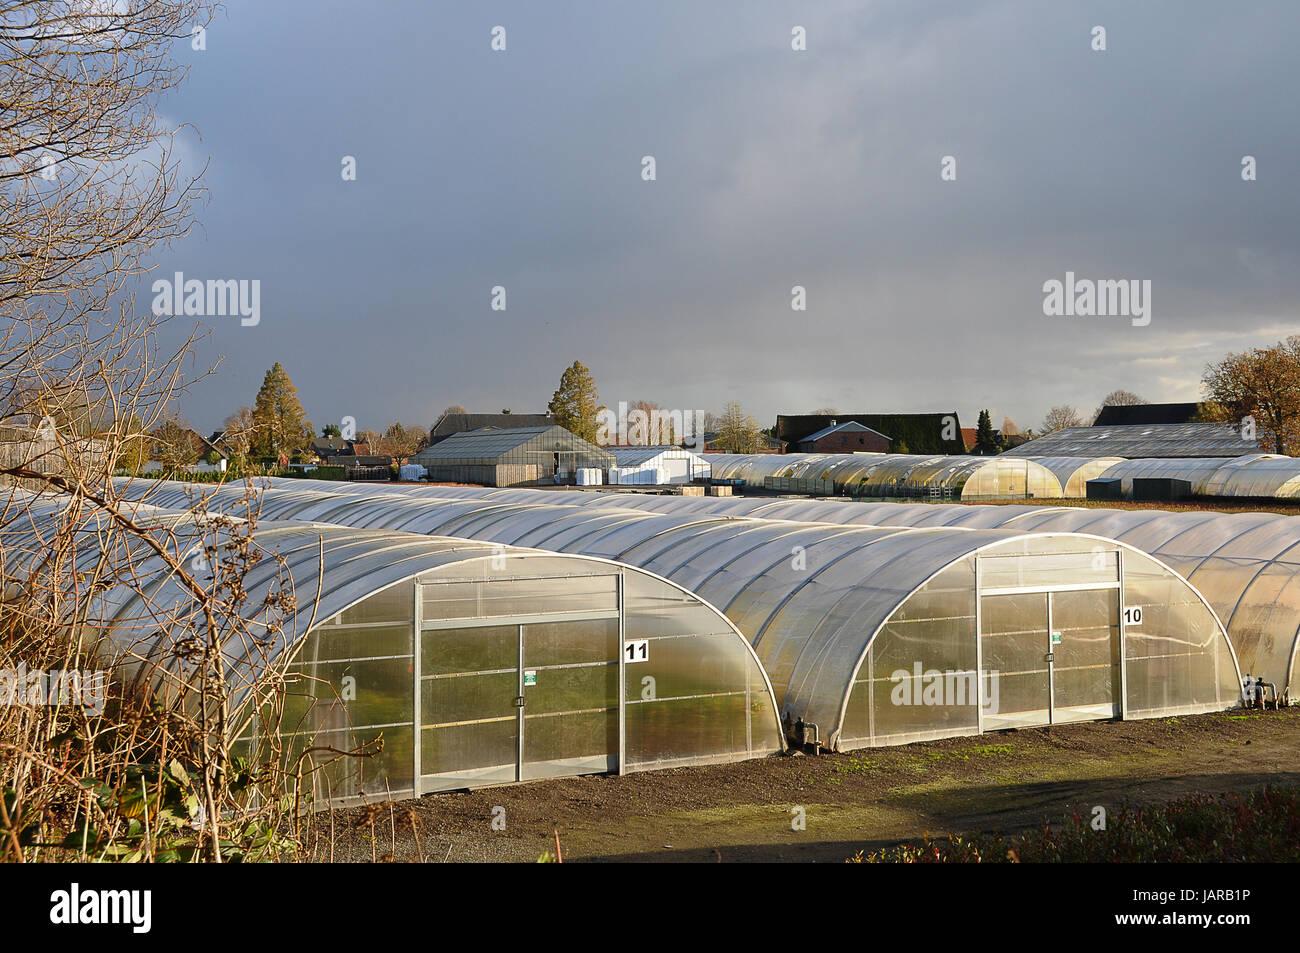 greenhouses - Stock Image